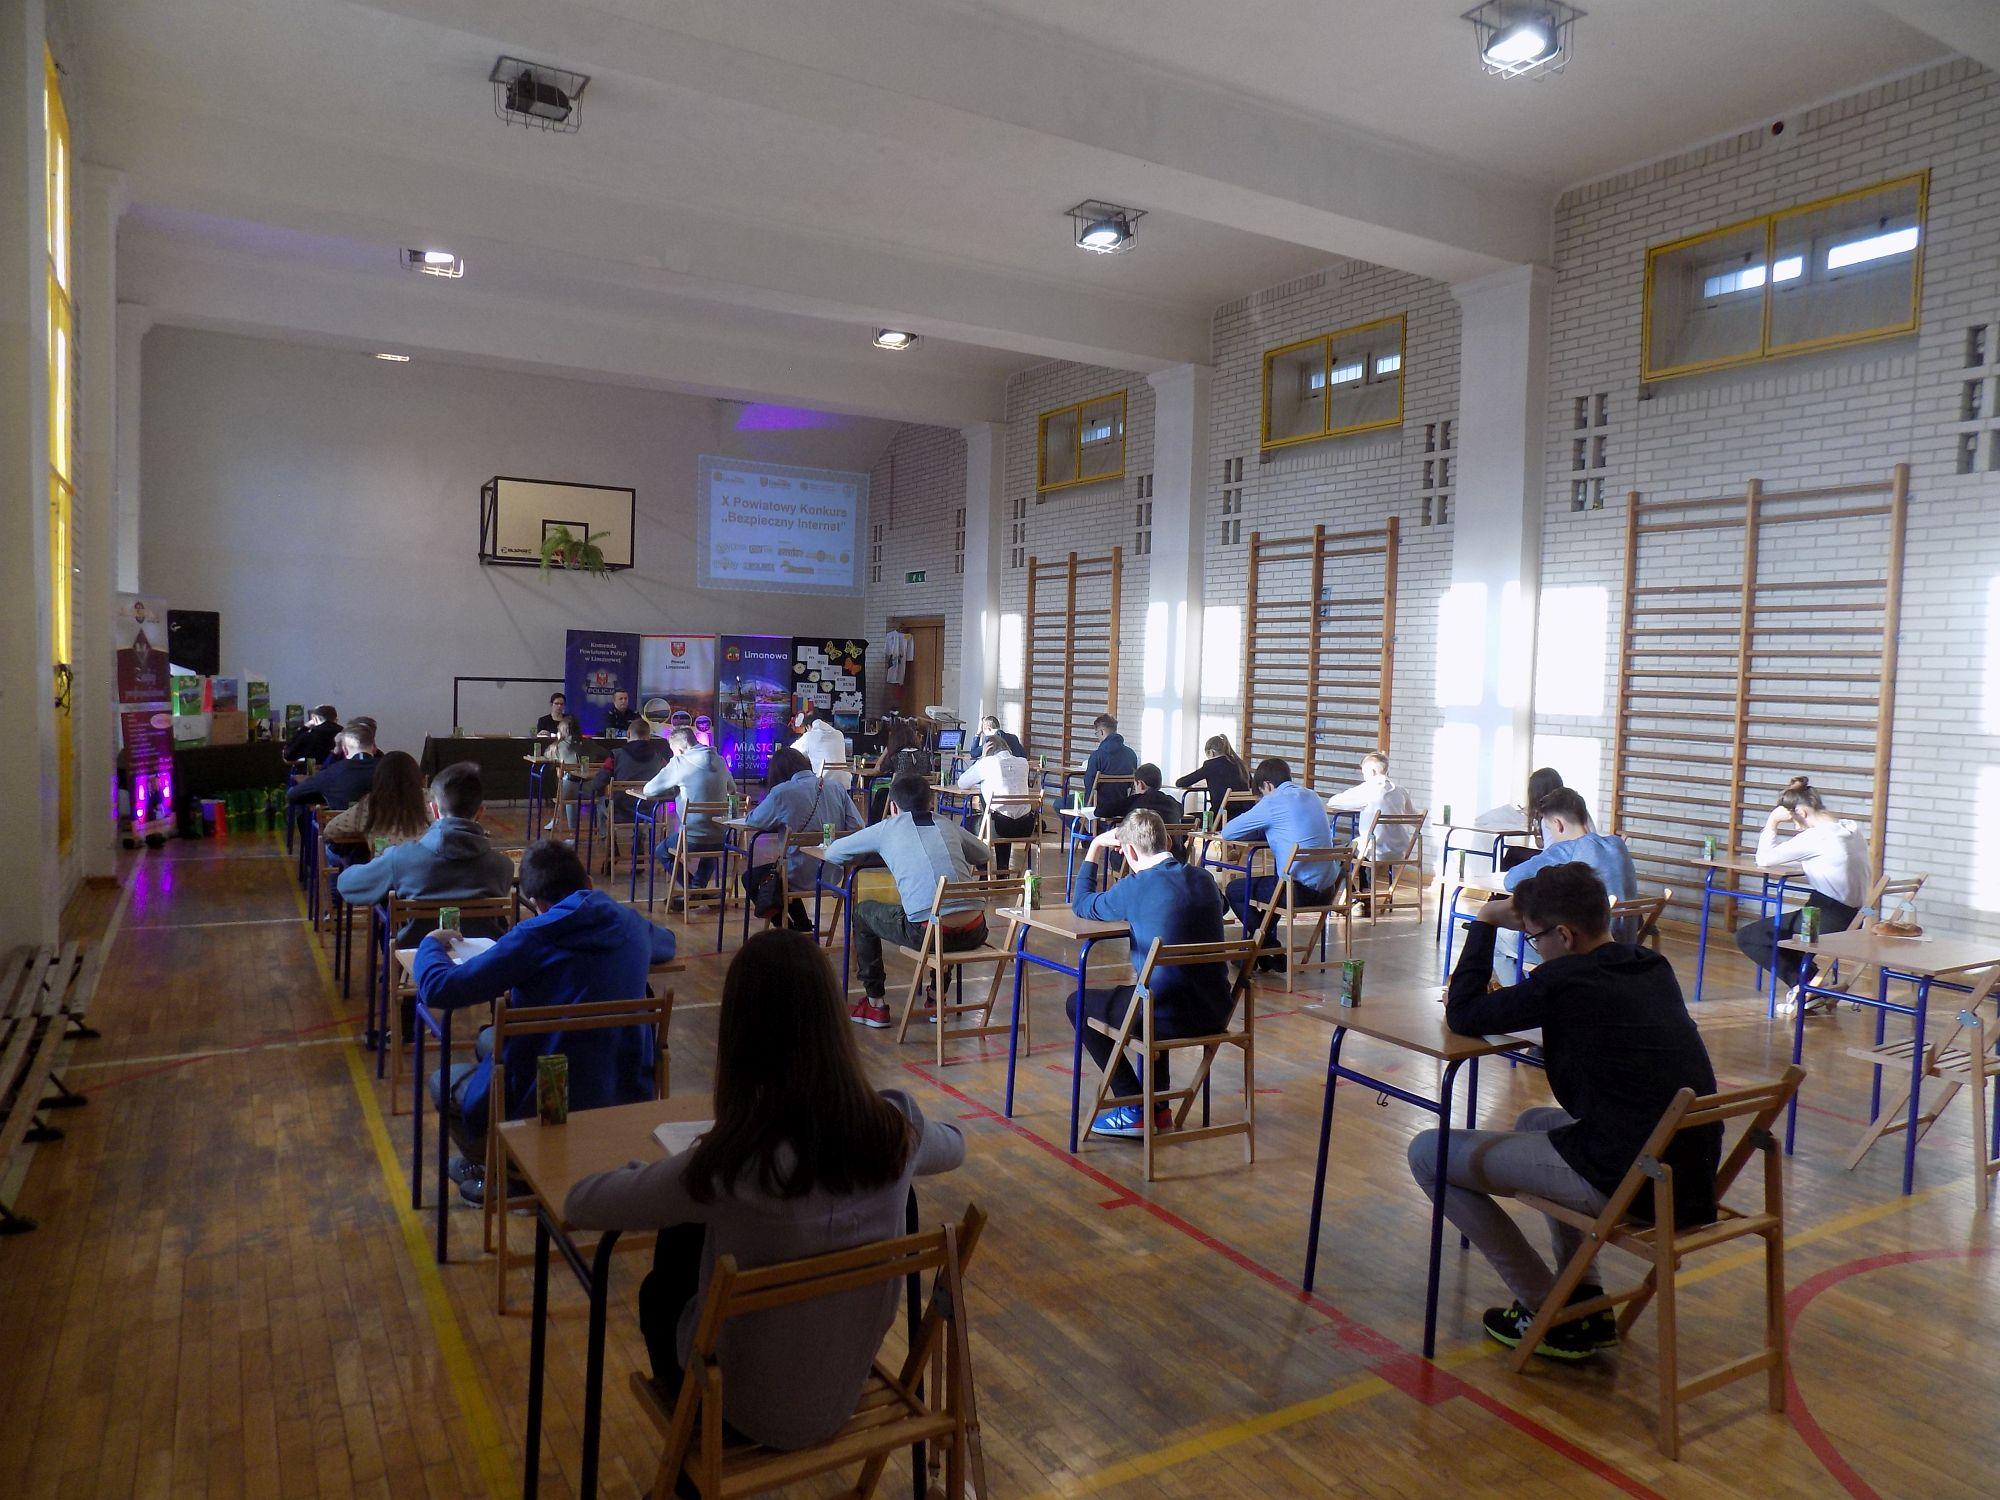 """X Powiatowy Konkurs """"Bezpieczny Internet""""- uczestnicy w trakcie rozwiazwania testu konkursowego"""